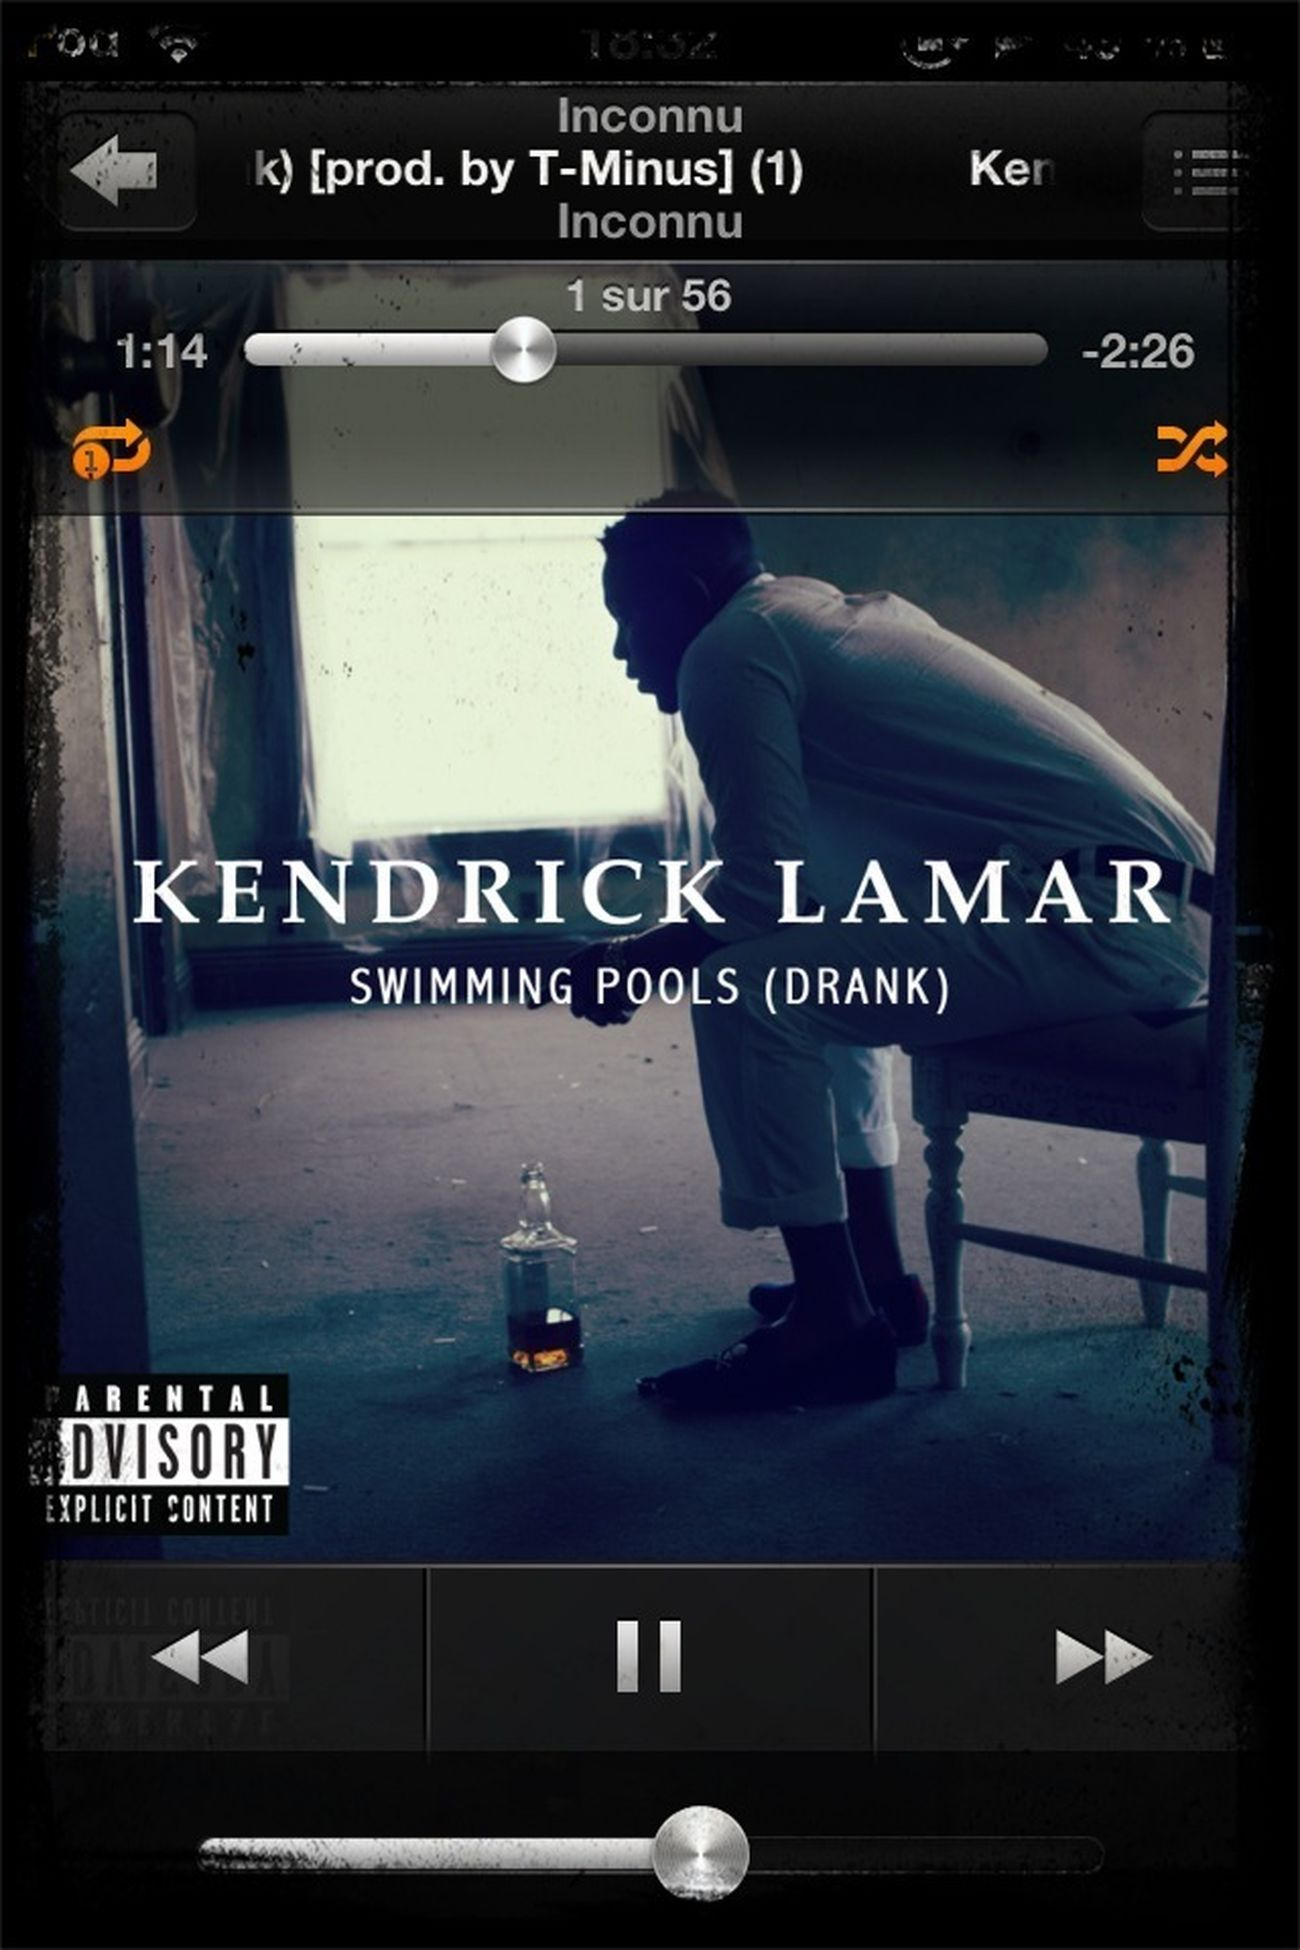 Kendrick Lamar Me Met Ienb